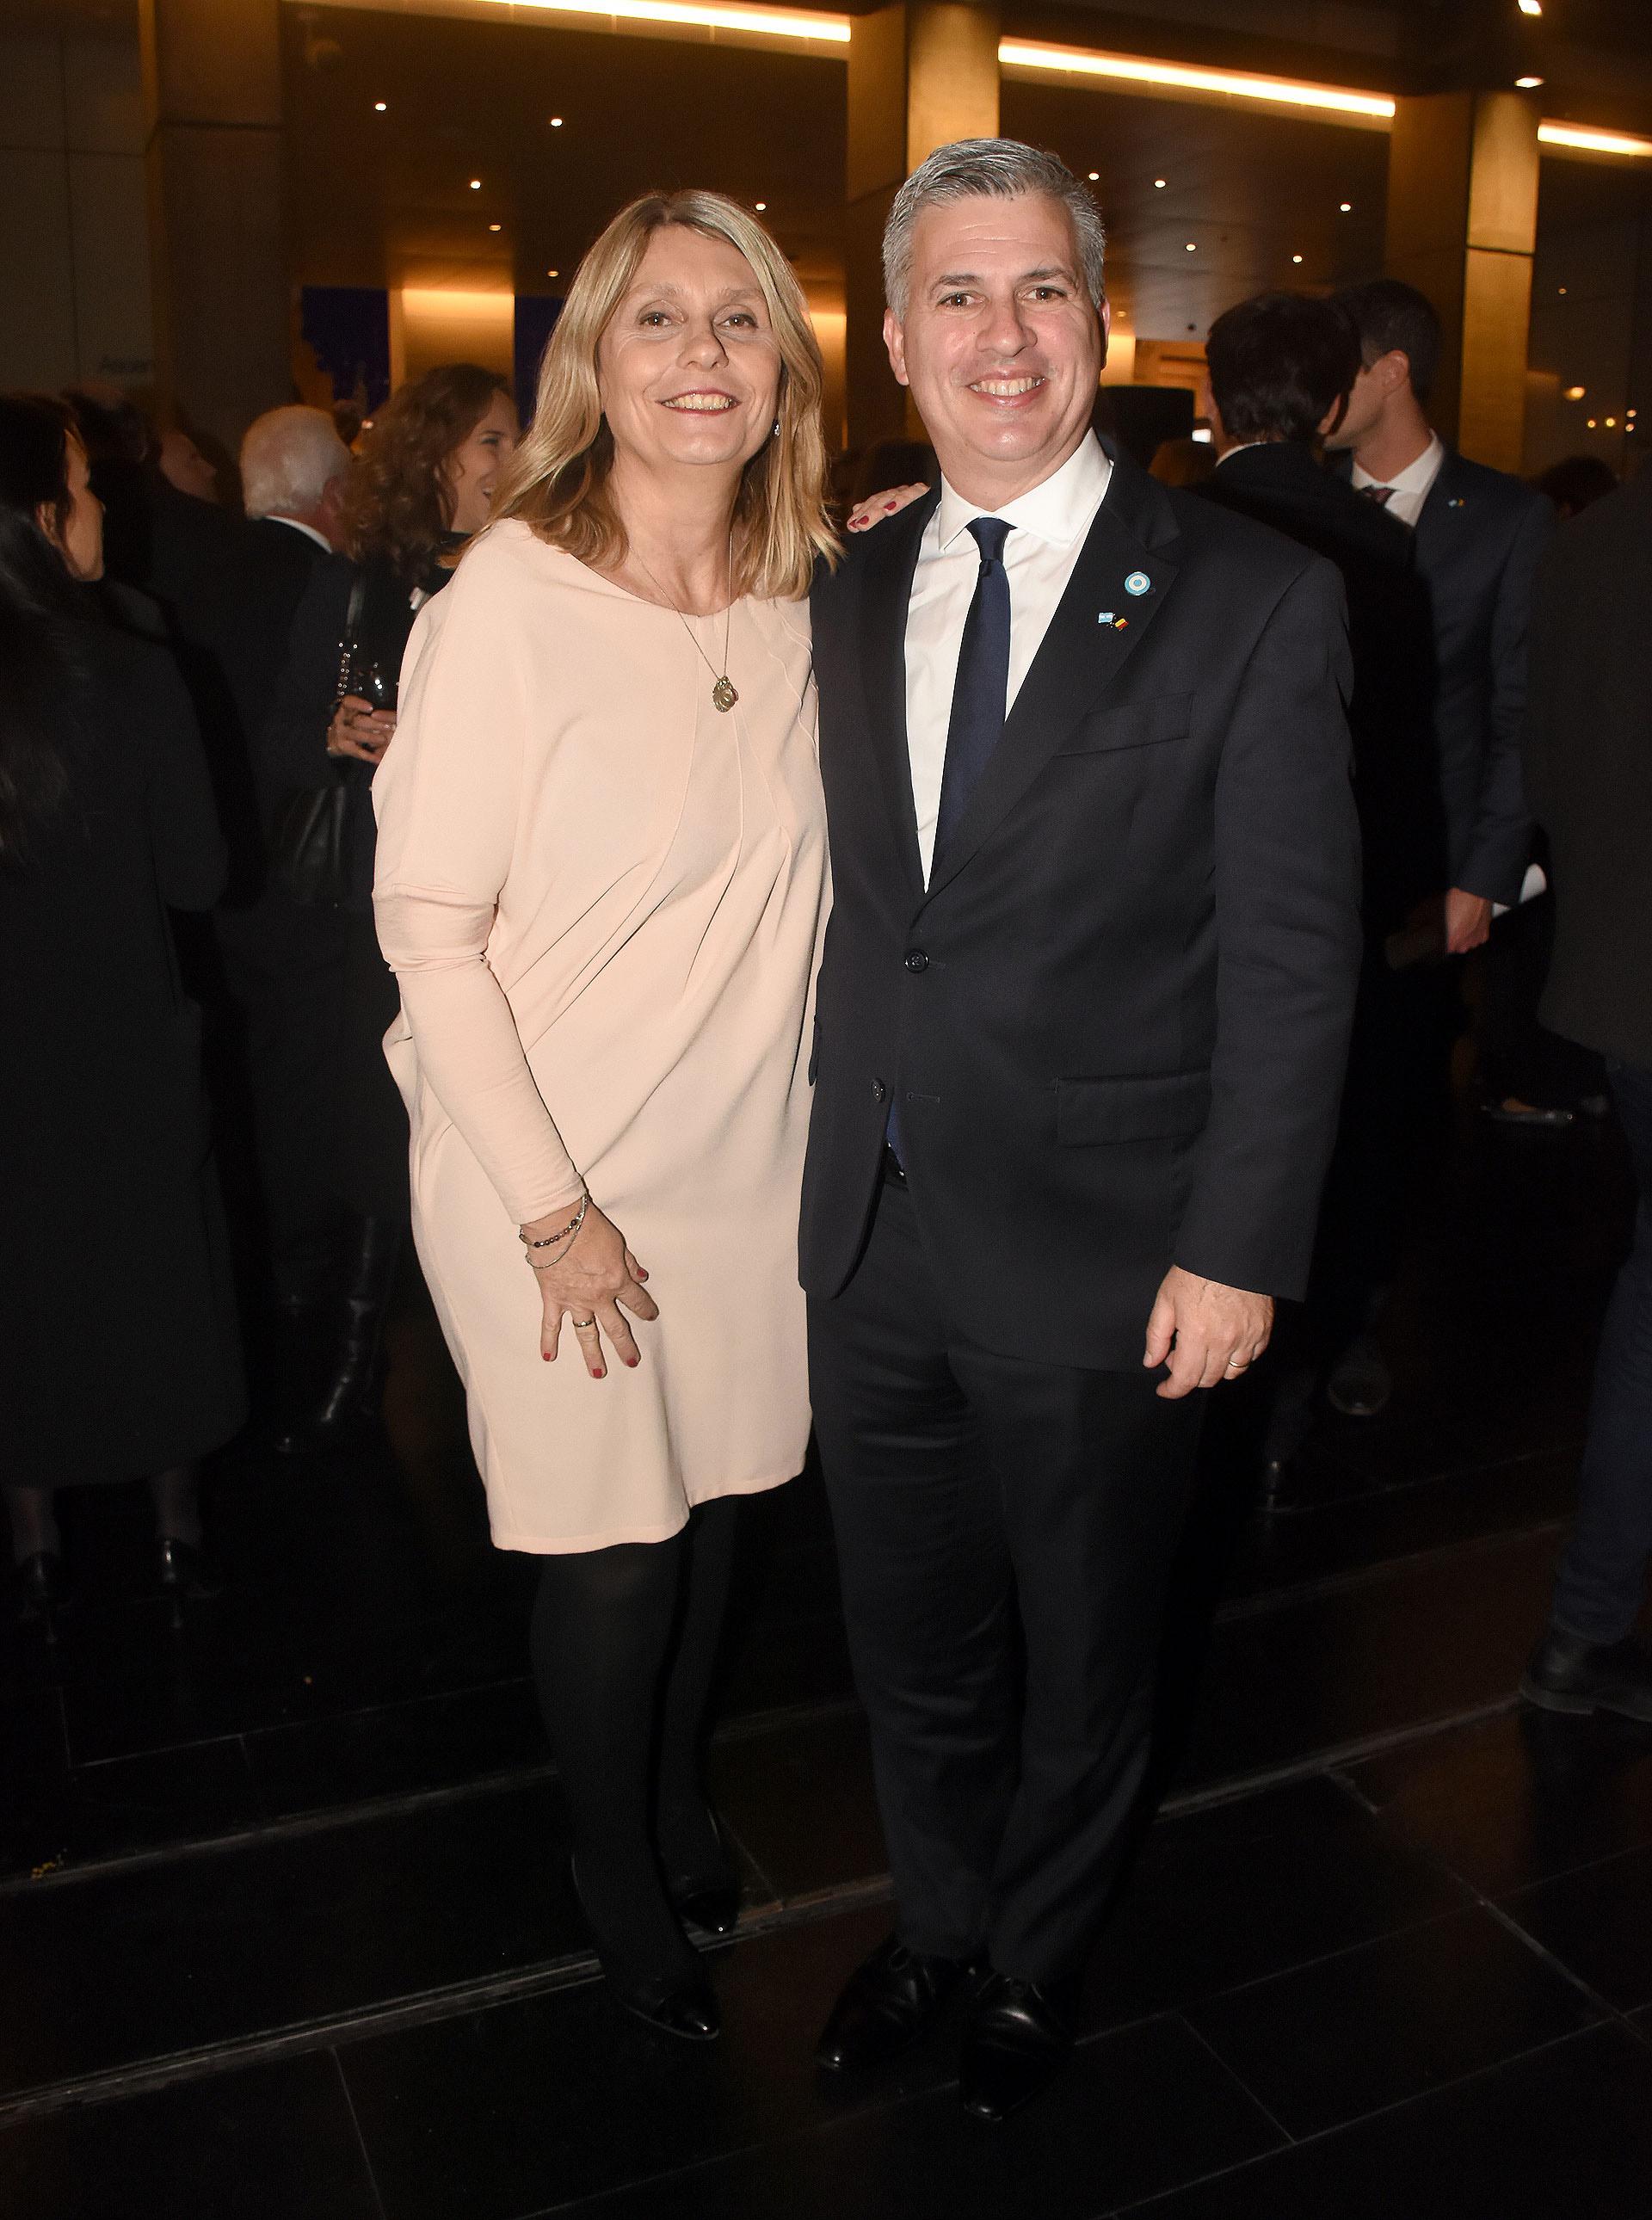 La diputada Cornelia Schmidt Liermann y el representante argentino ante la OCDE, Marcelo Scaglione